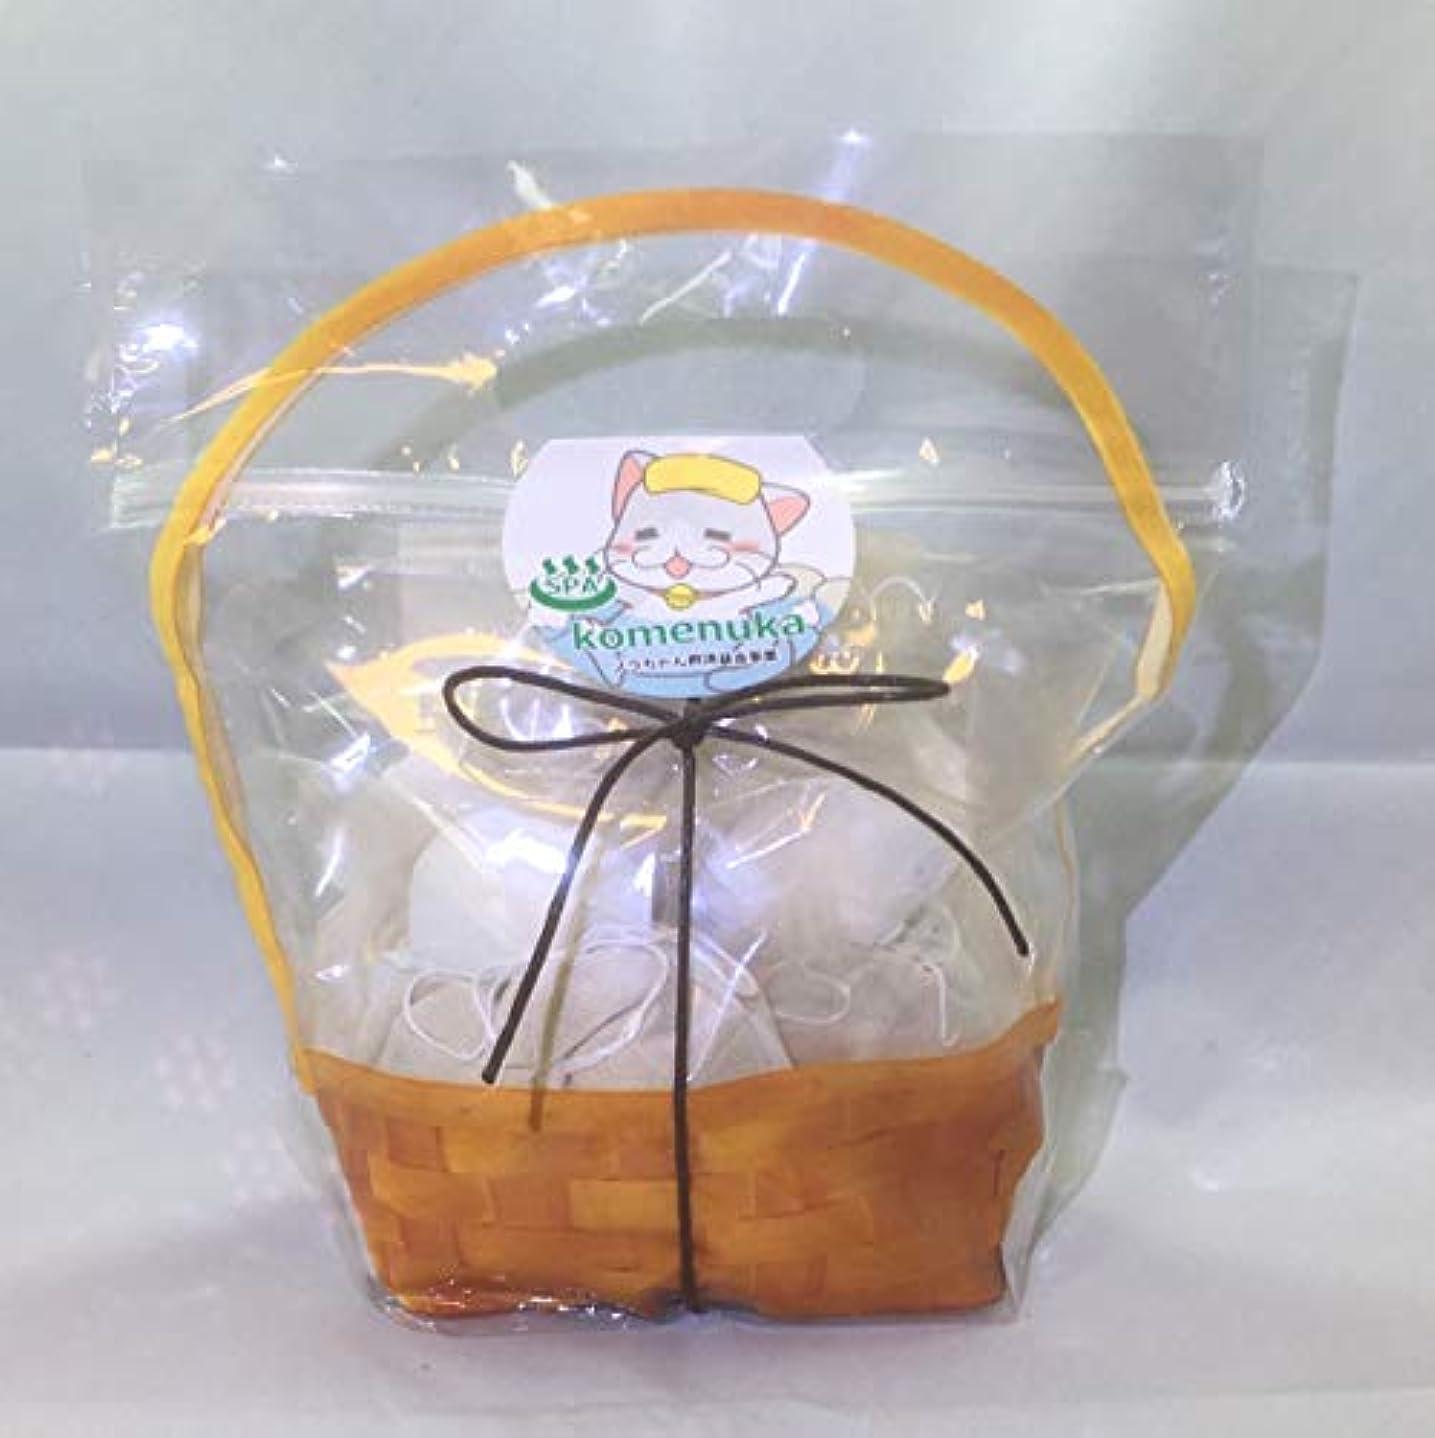 【ジロちゃんの米ぬかSPA】米ぬか入浴剤 有機栽培米ぬか100%ぬか袋 米ぬか入浴剤 無添加 個別包装